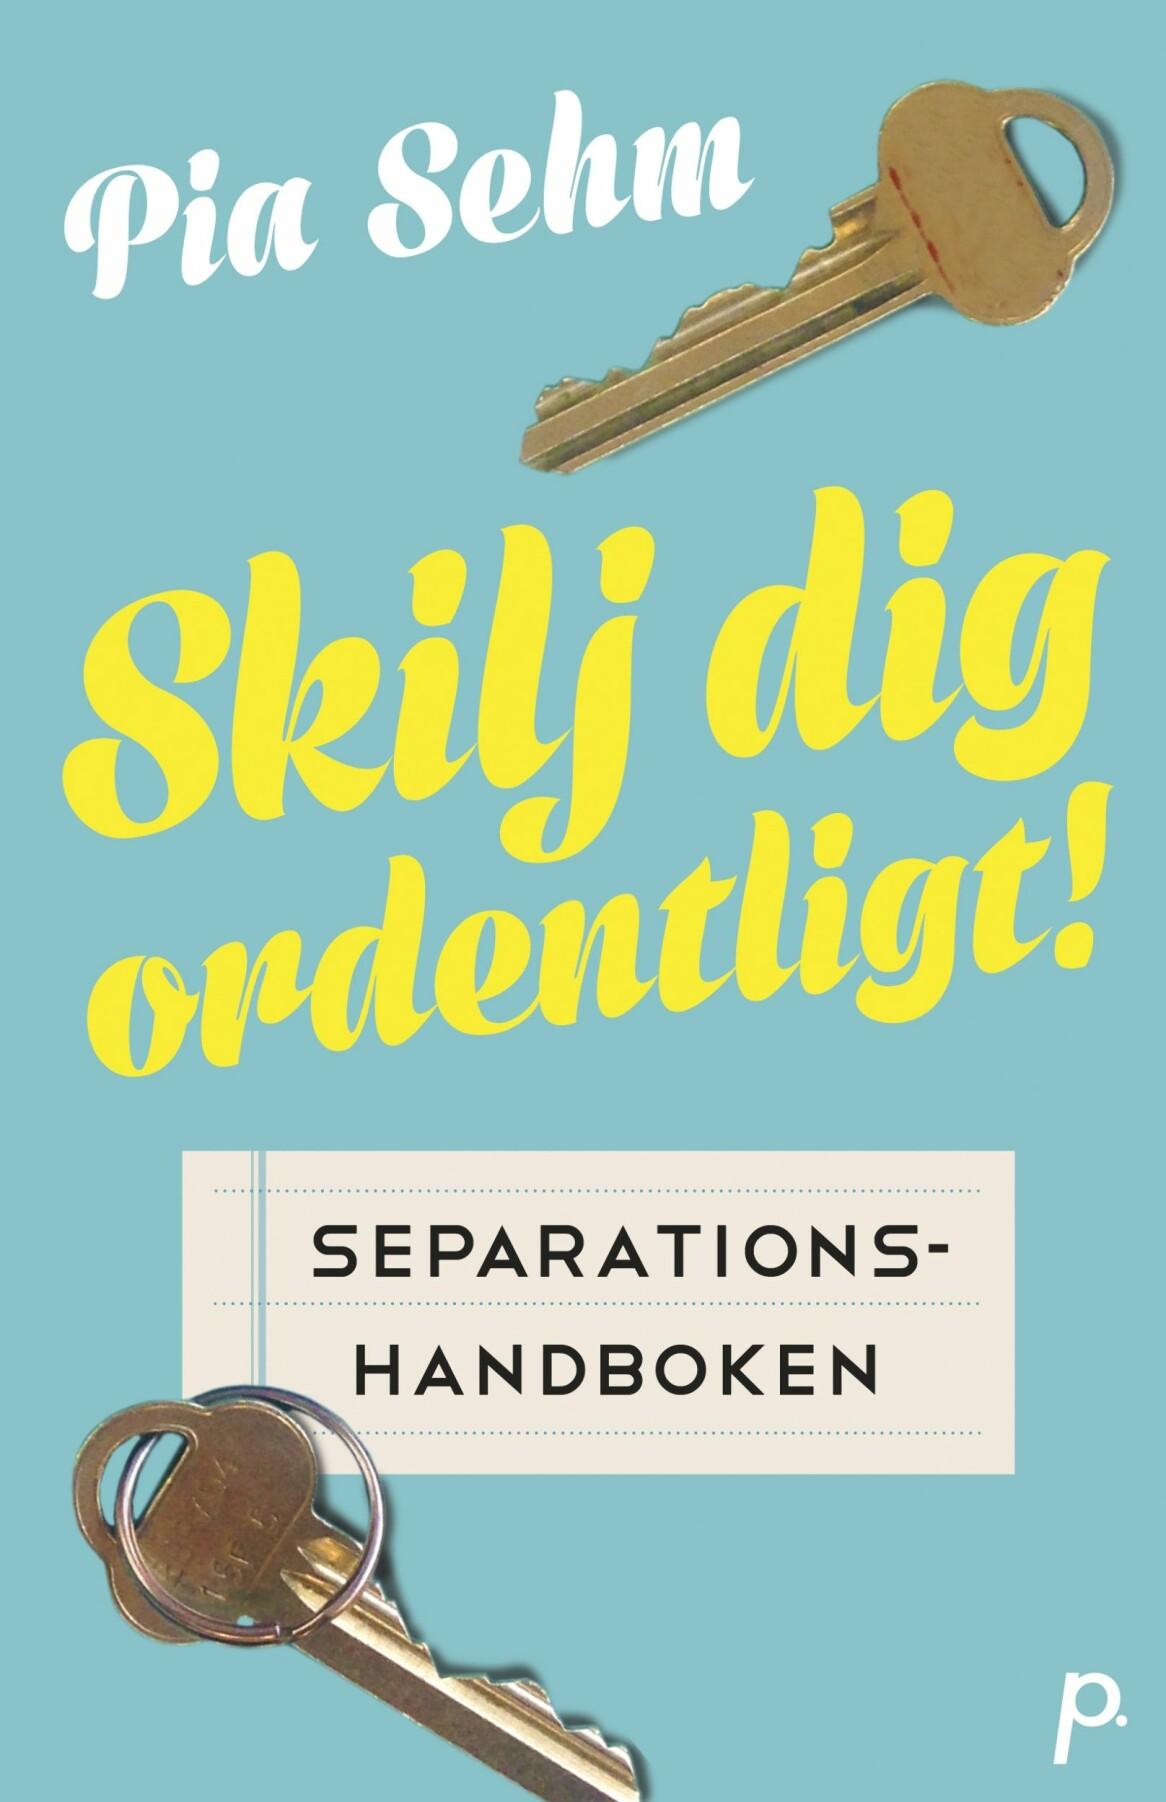 Pia Sehm har skrivit boken <i>Skilj dig ordentligt! Separationshandboken </i>(Printz Publishing)